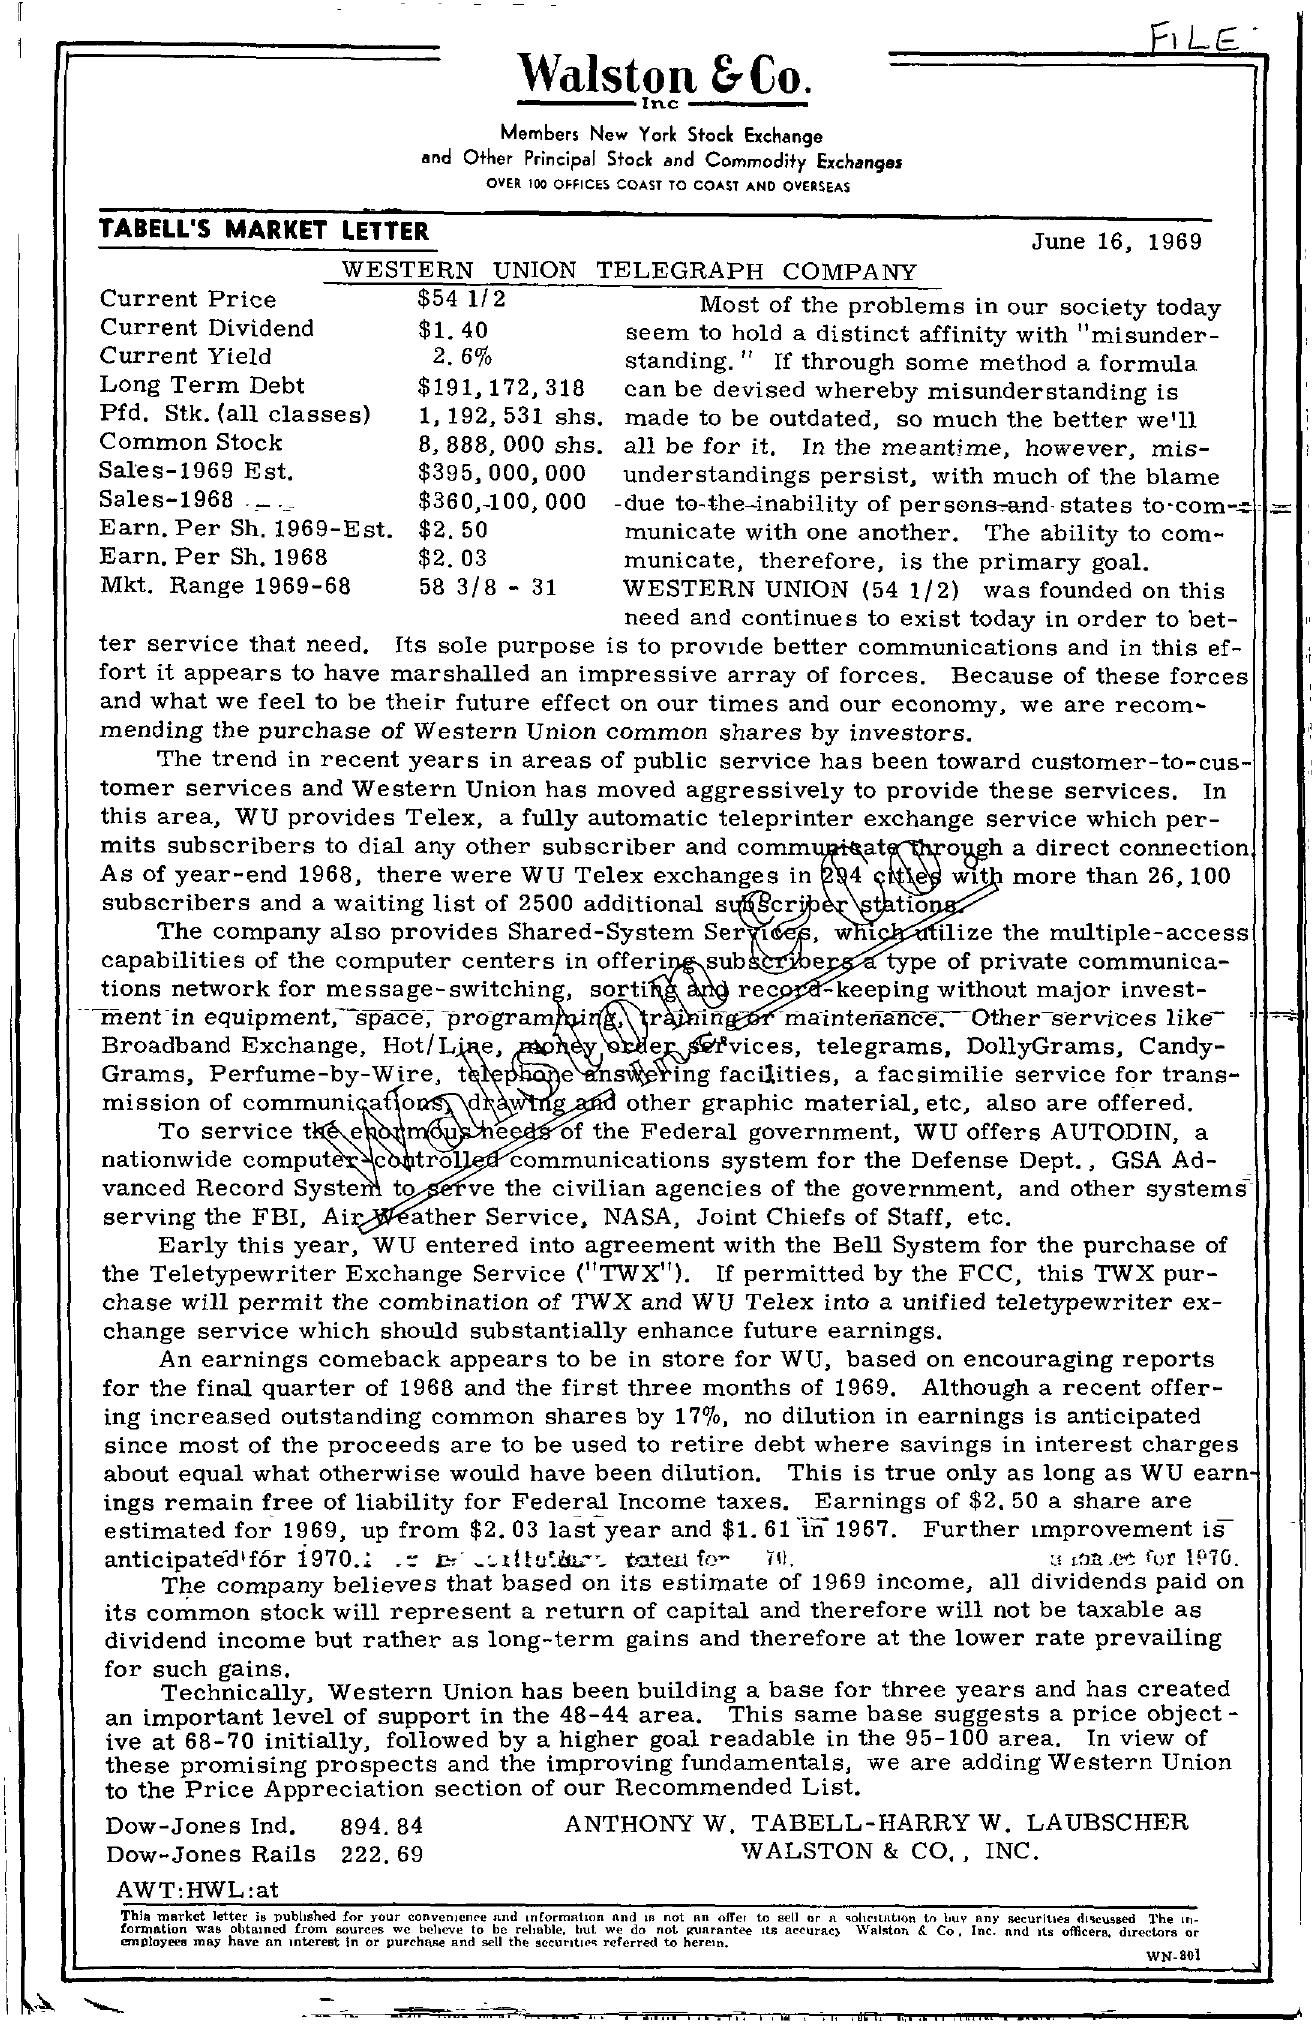 Tabell's Market Letter - June 16, 1969